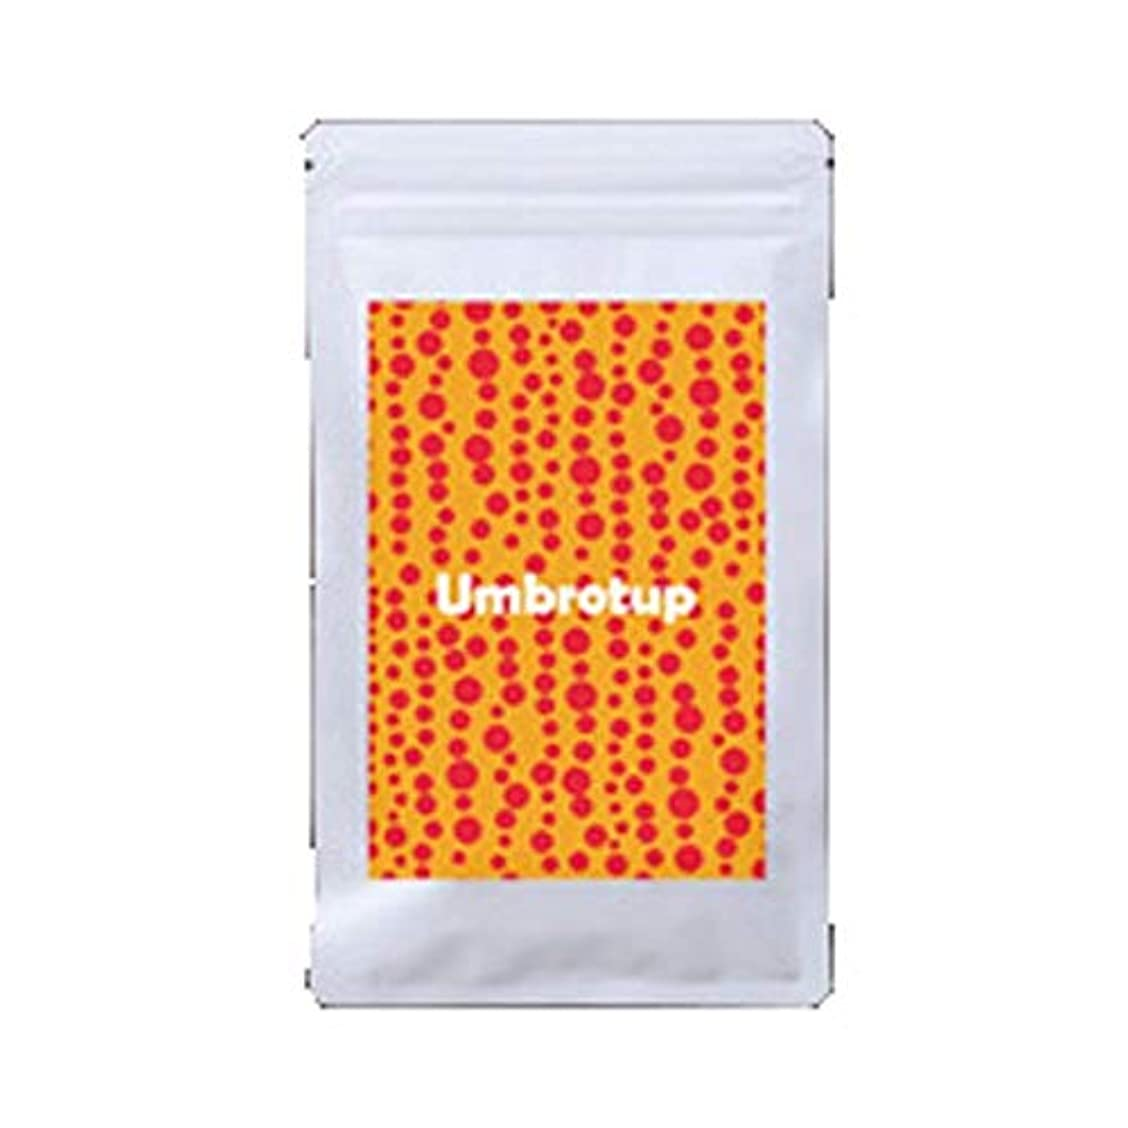 無意味エンコミウムビートアンブロタップ 2個セット Umbrotup ダイエット サプリメント